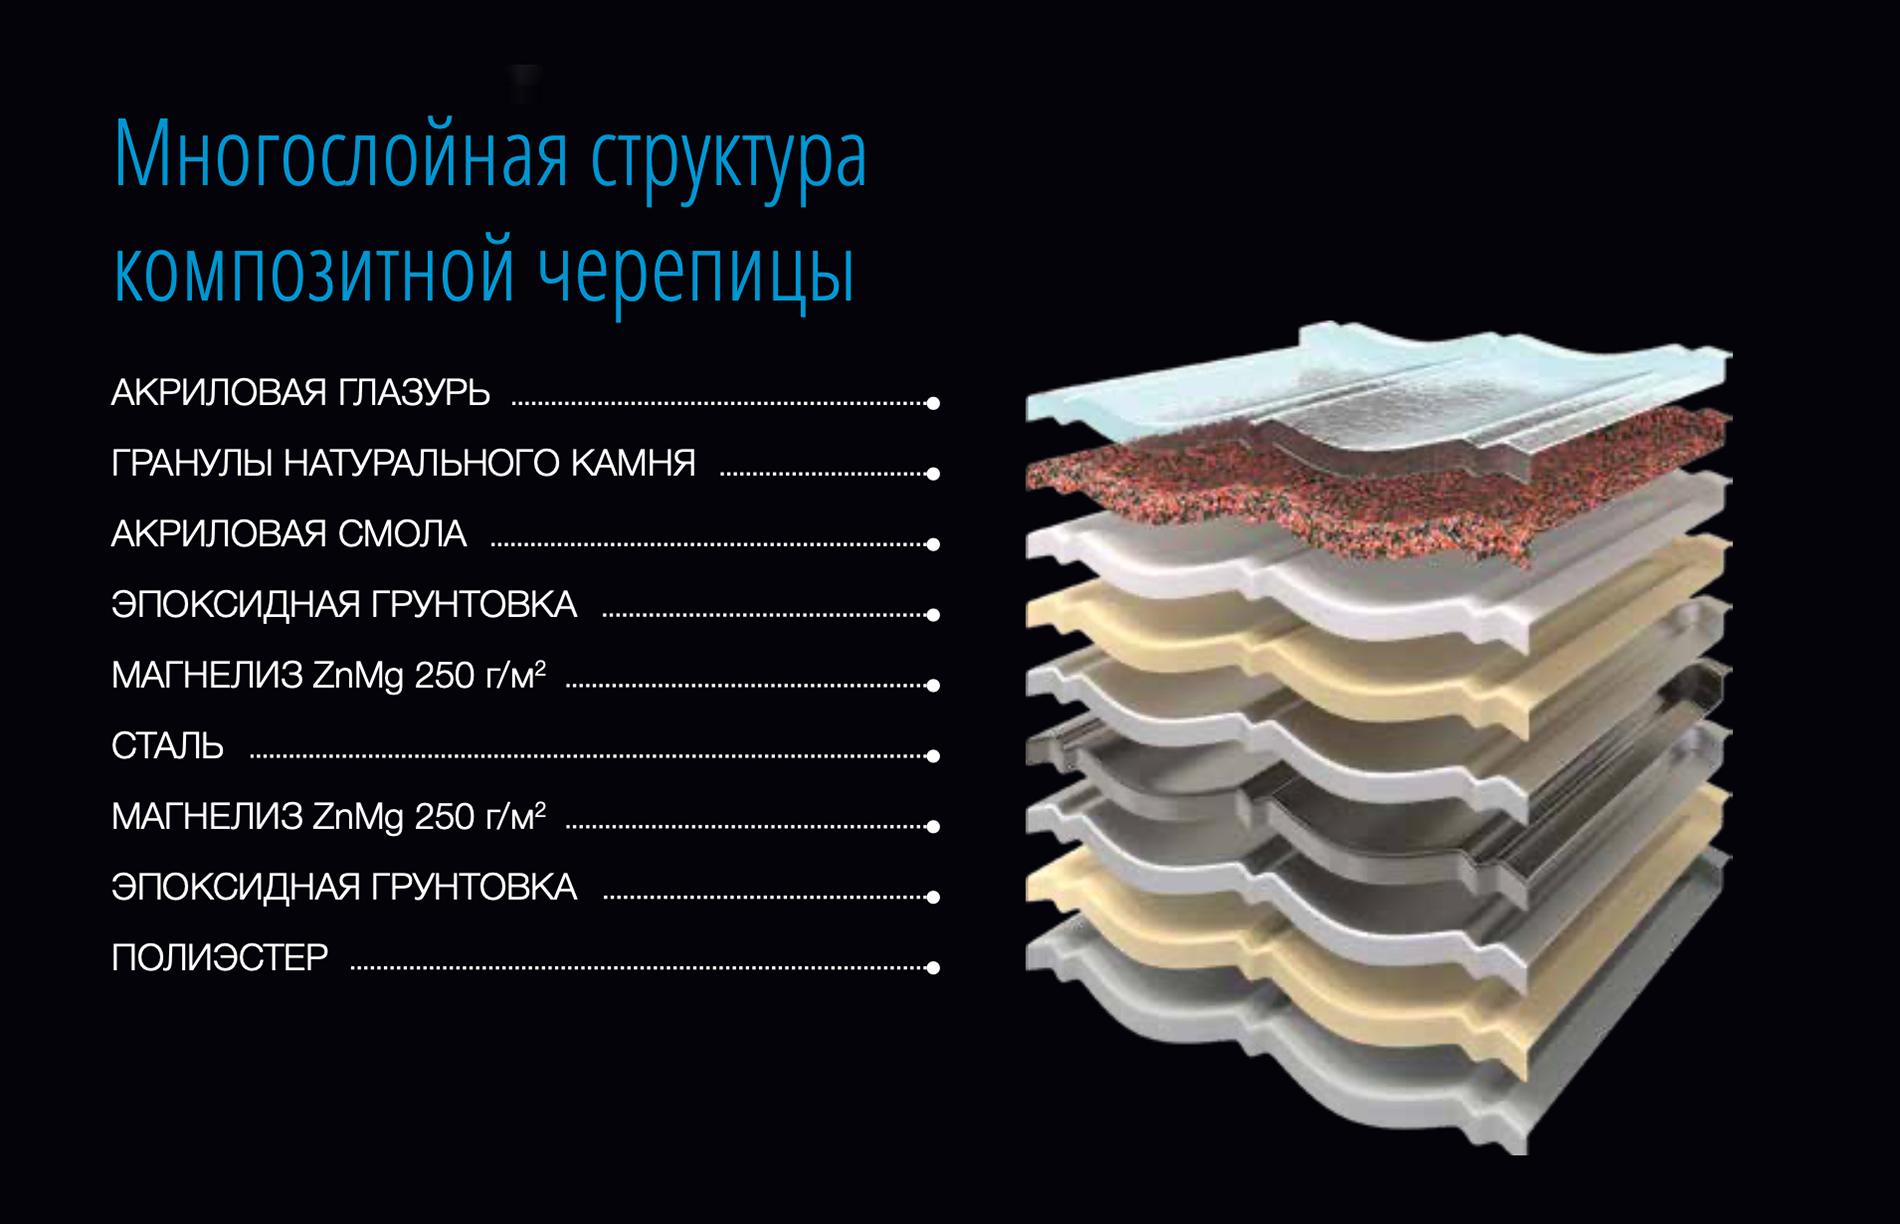 Структура композитной черепицы AeroDek